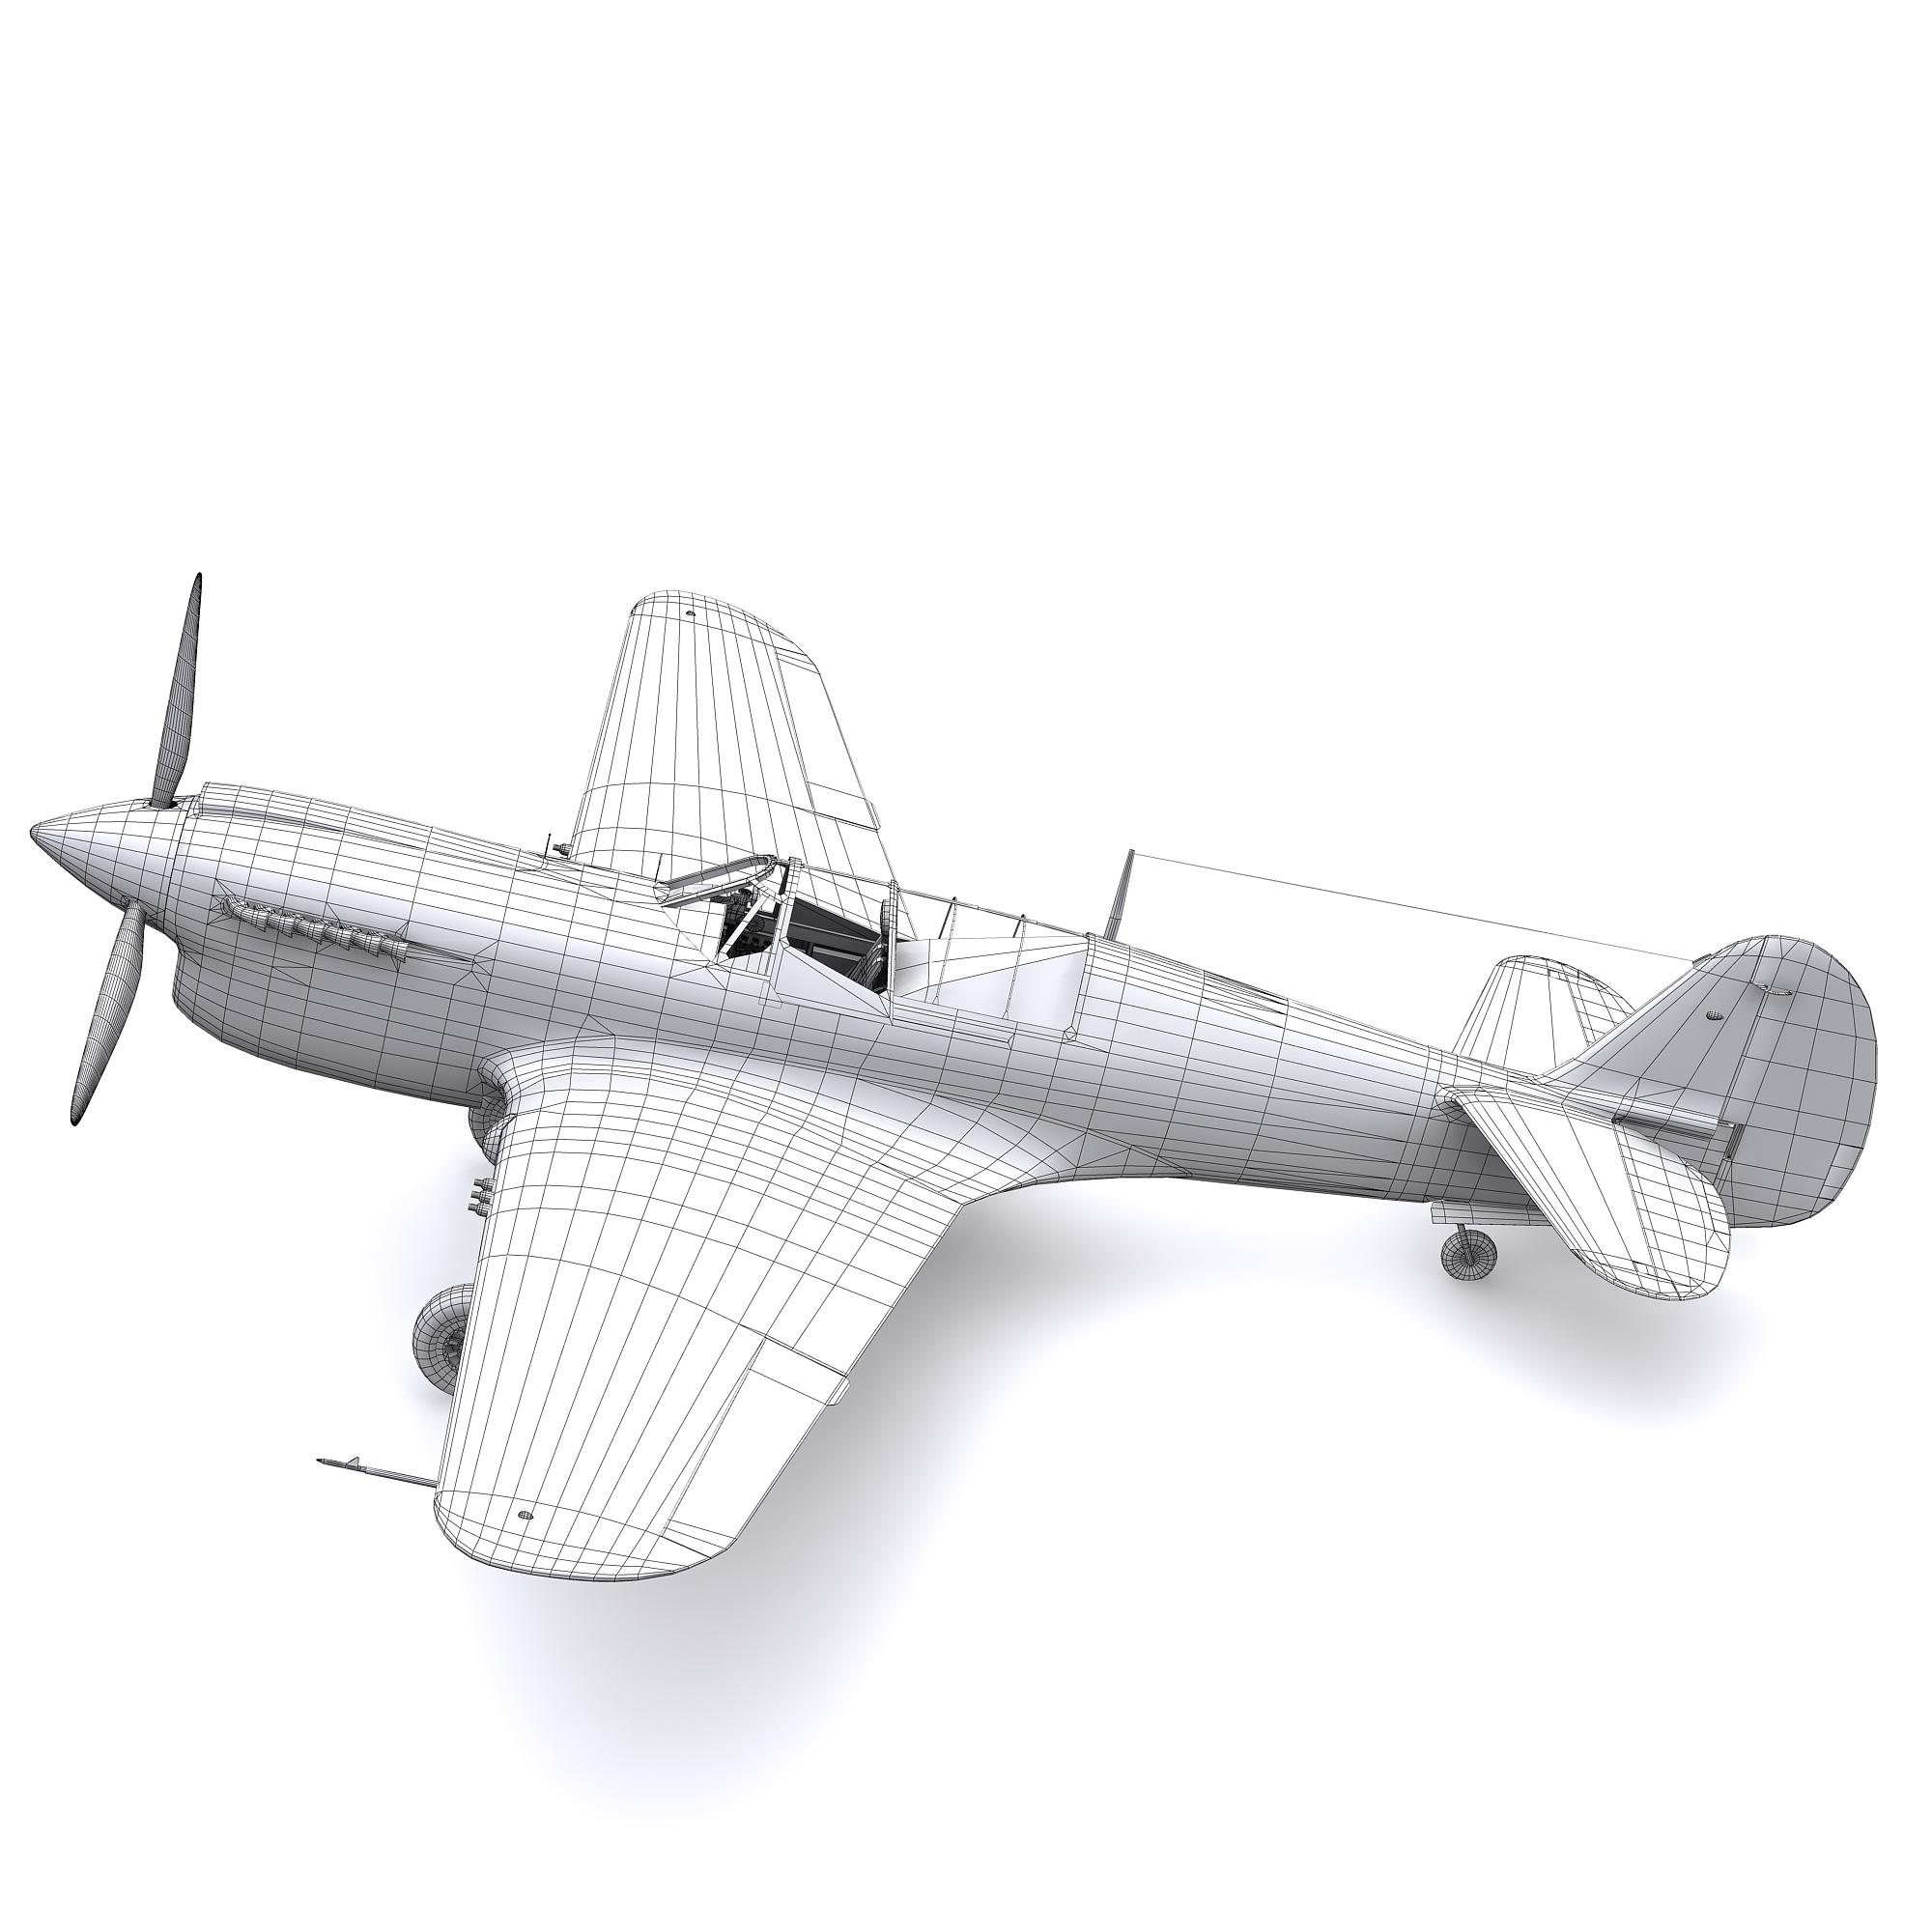 Las texturas del visor no aparecen en el render-modelo-avioneta-3d-sin-texturas.jpg